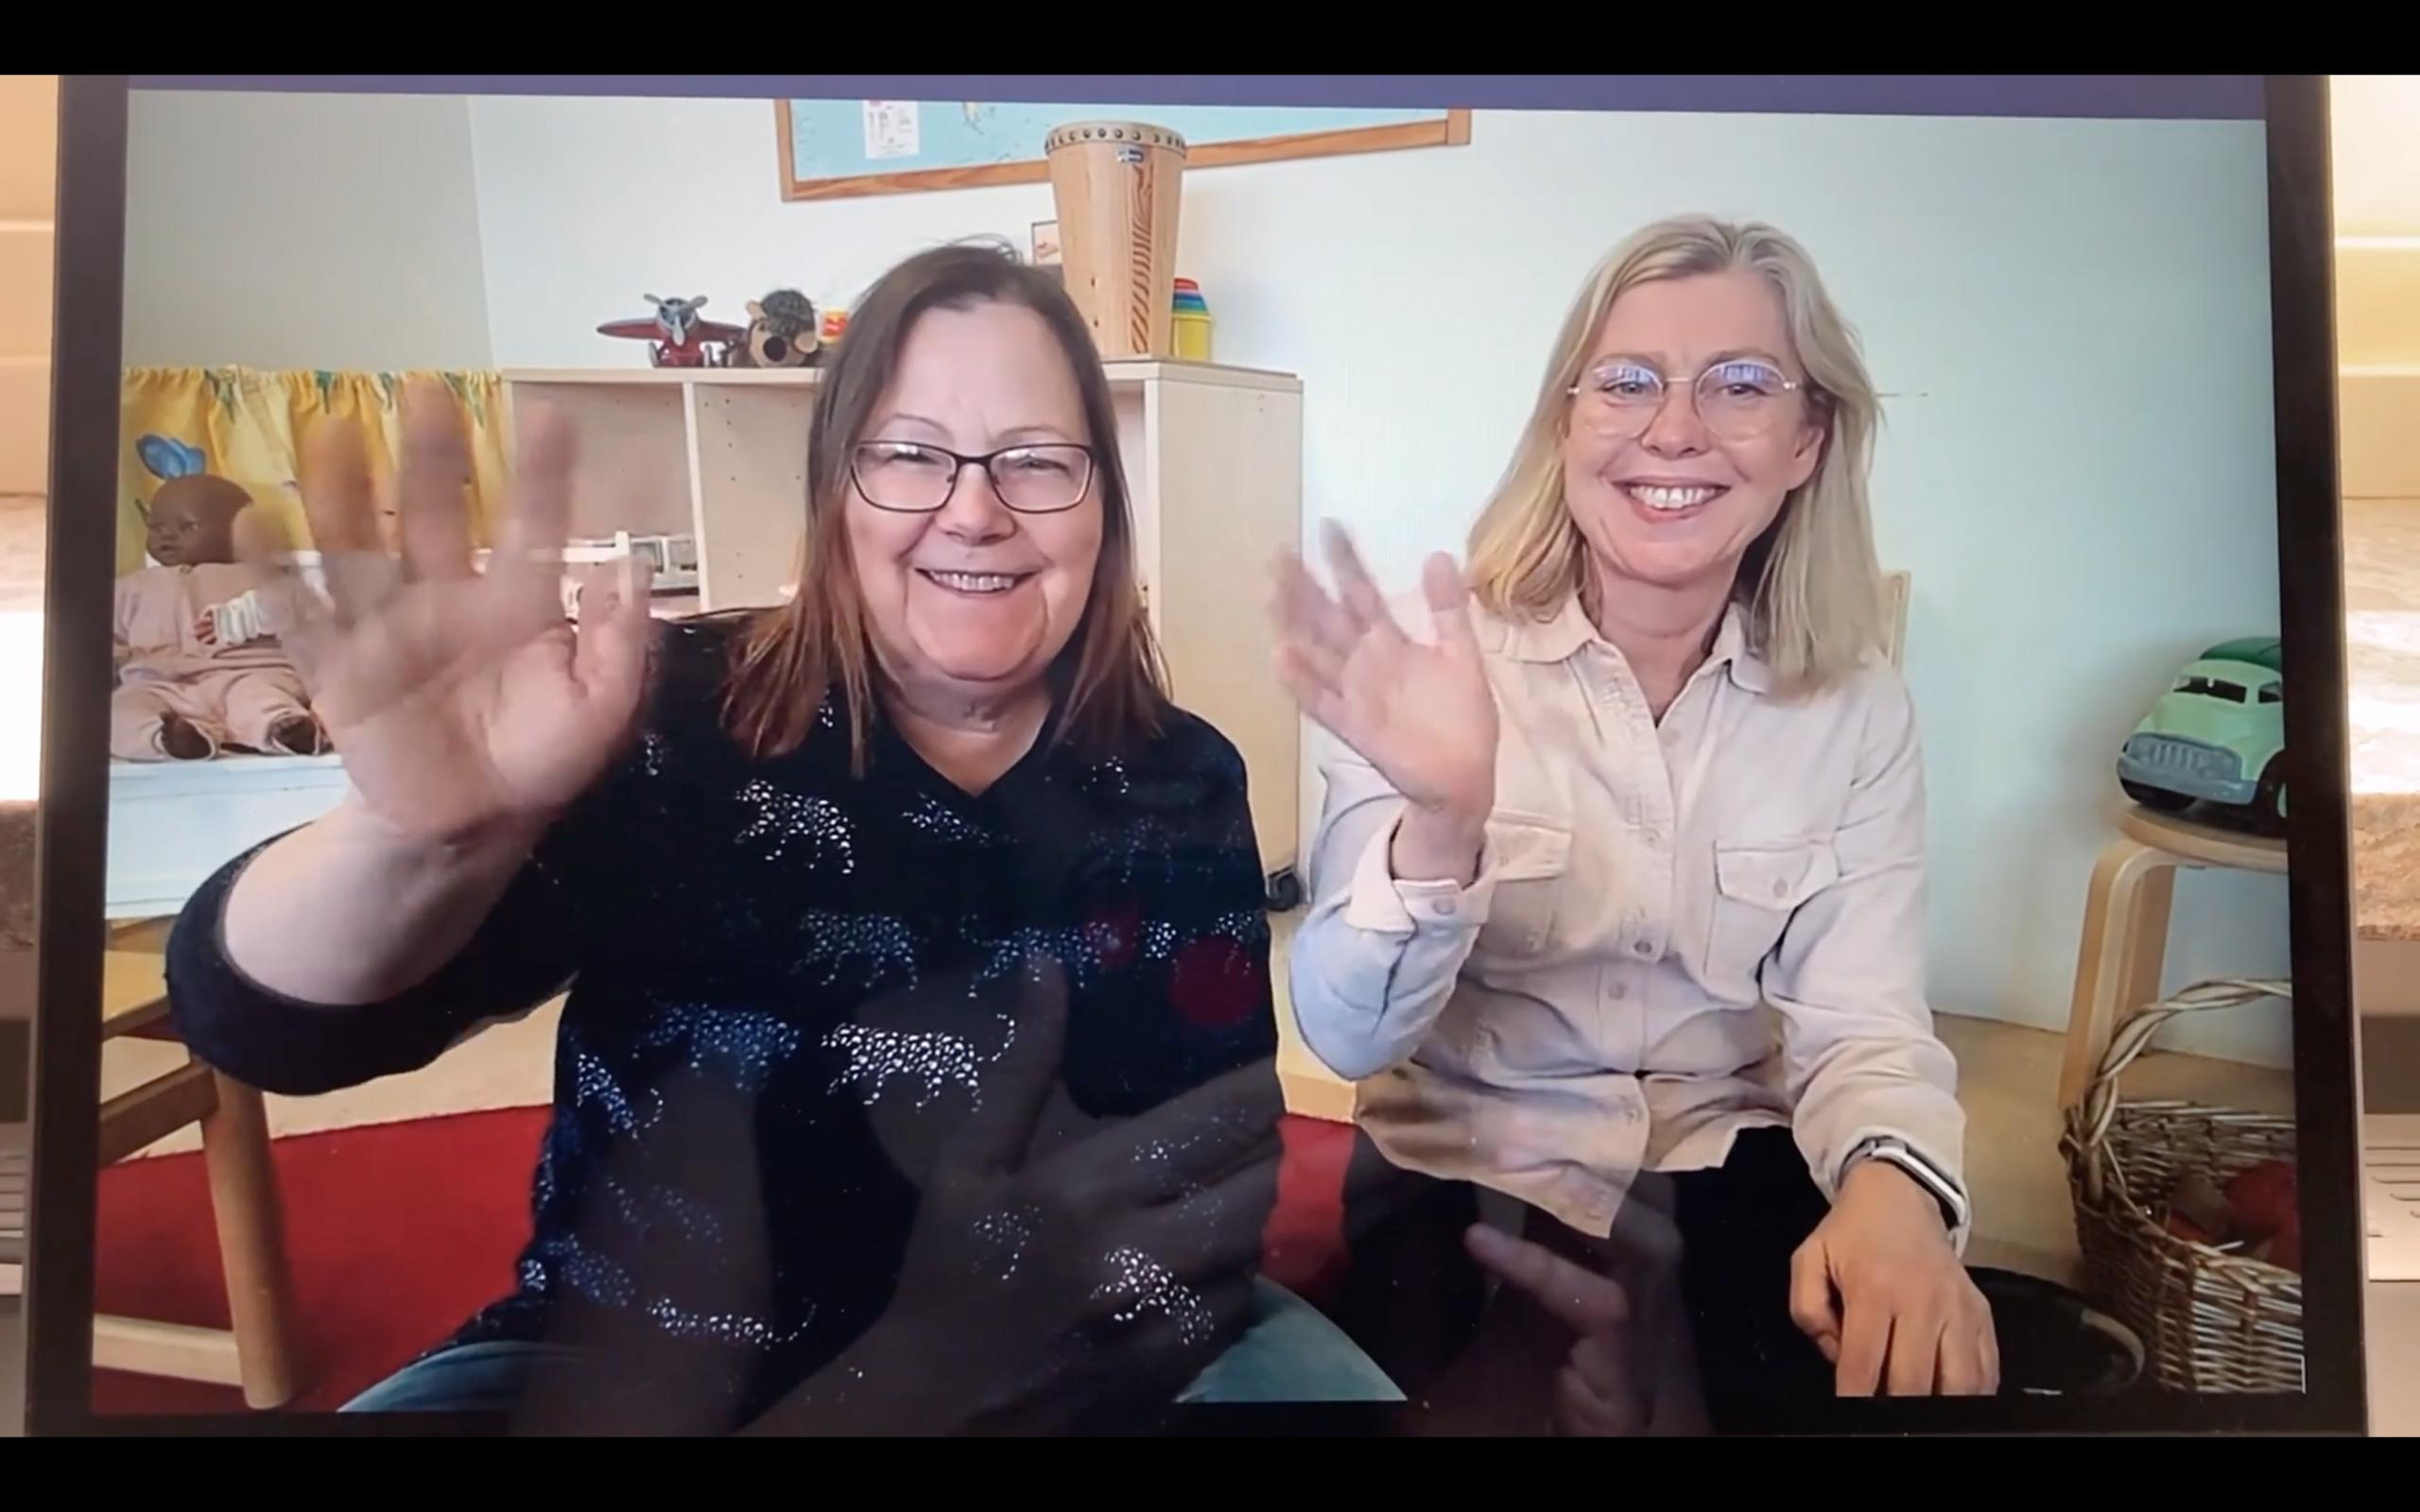 Öppna Förskolan i Lundy- ledarna Anette och Åse vinkar